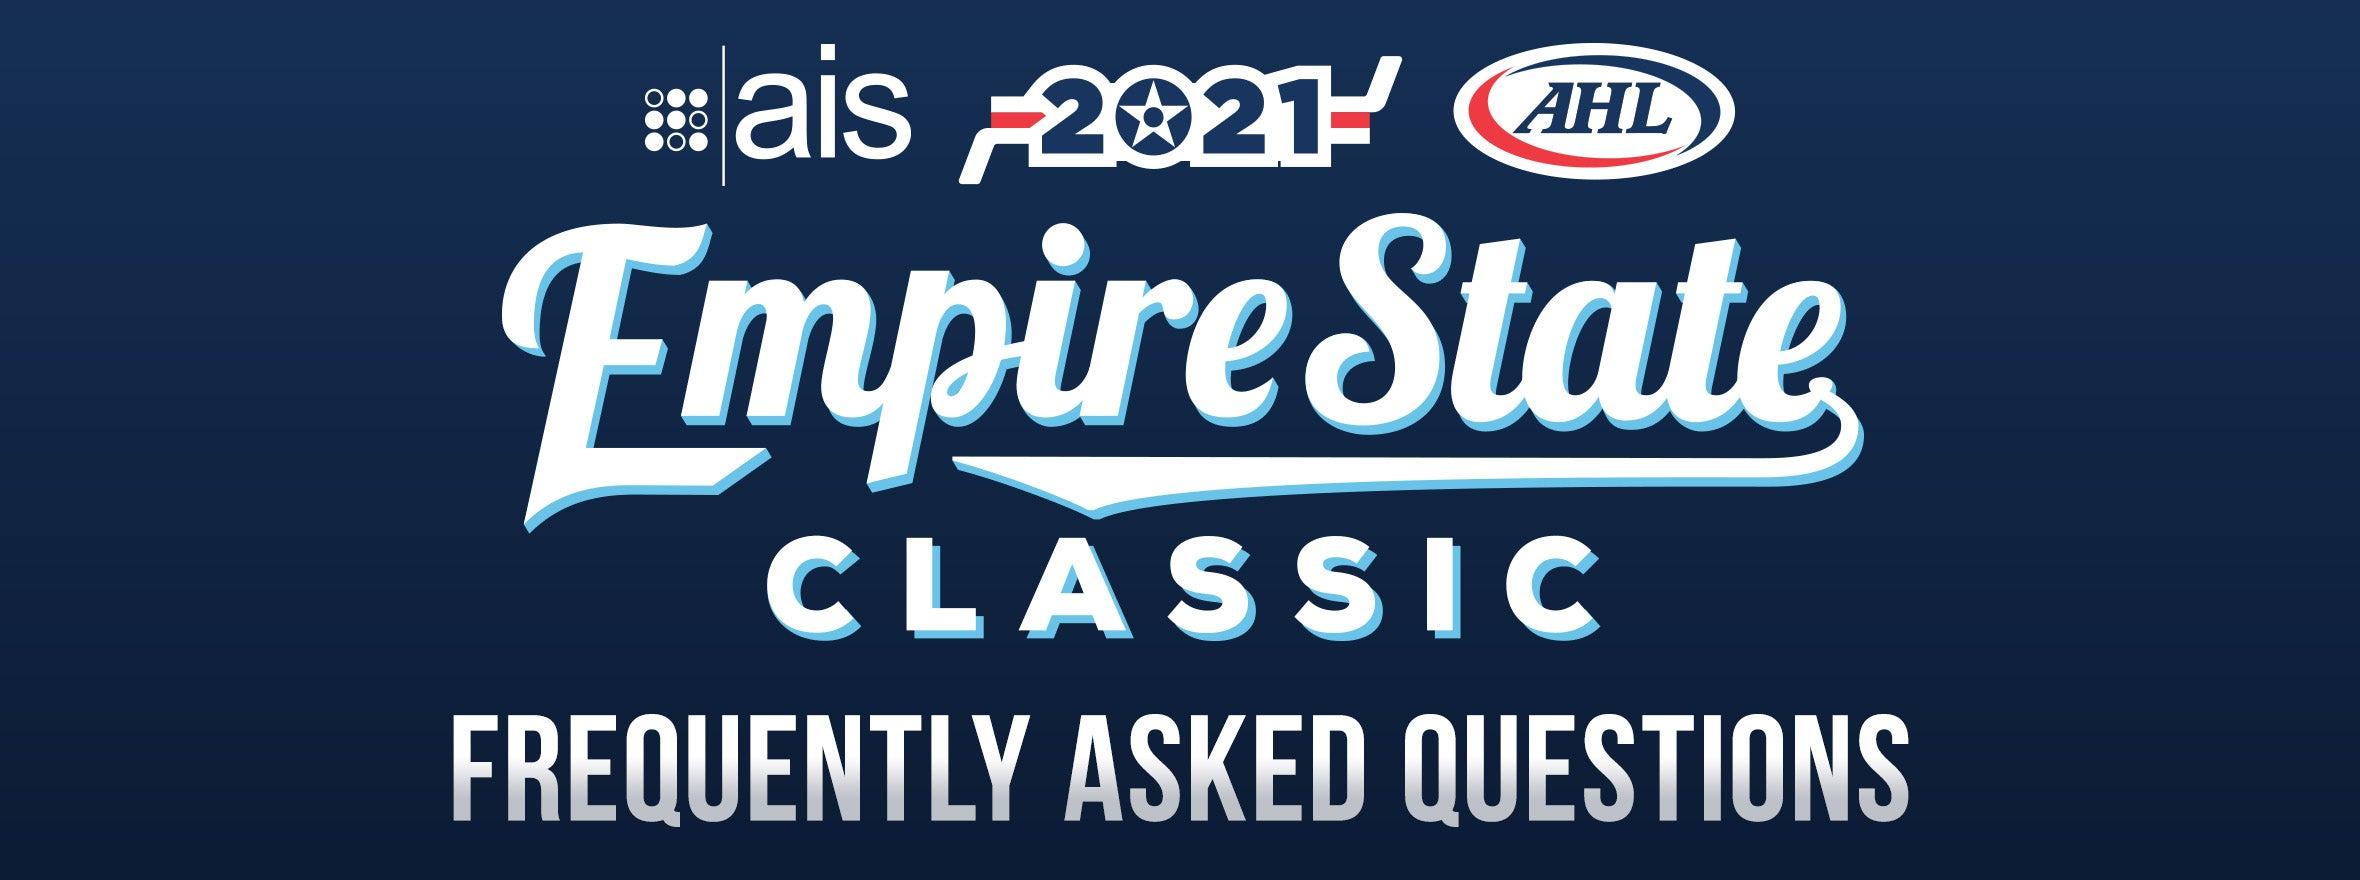 2021 AIS EMPIRE STATE CLASSIC FAQ